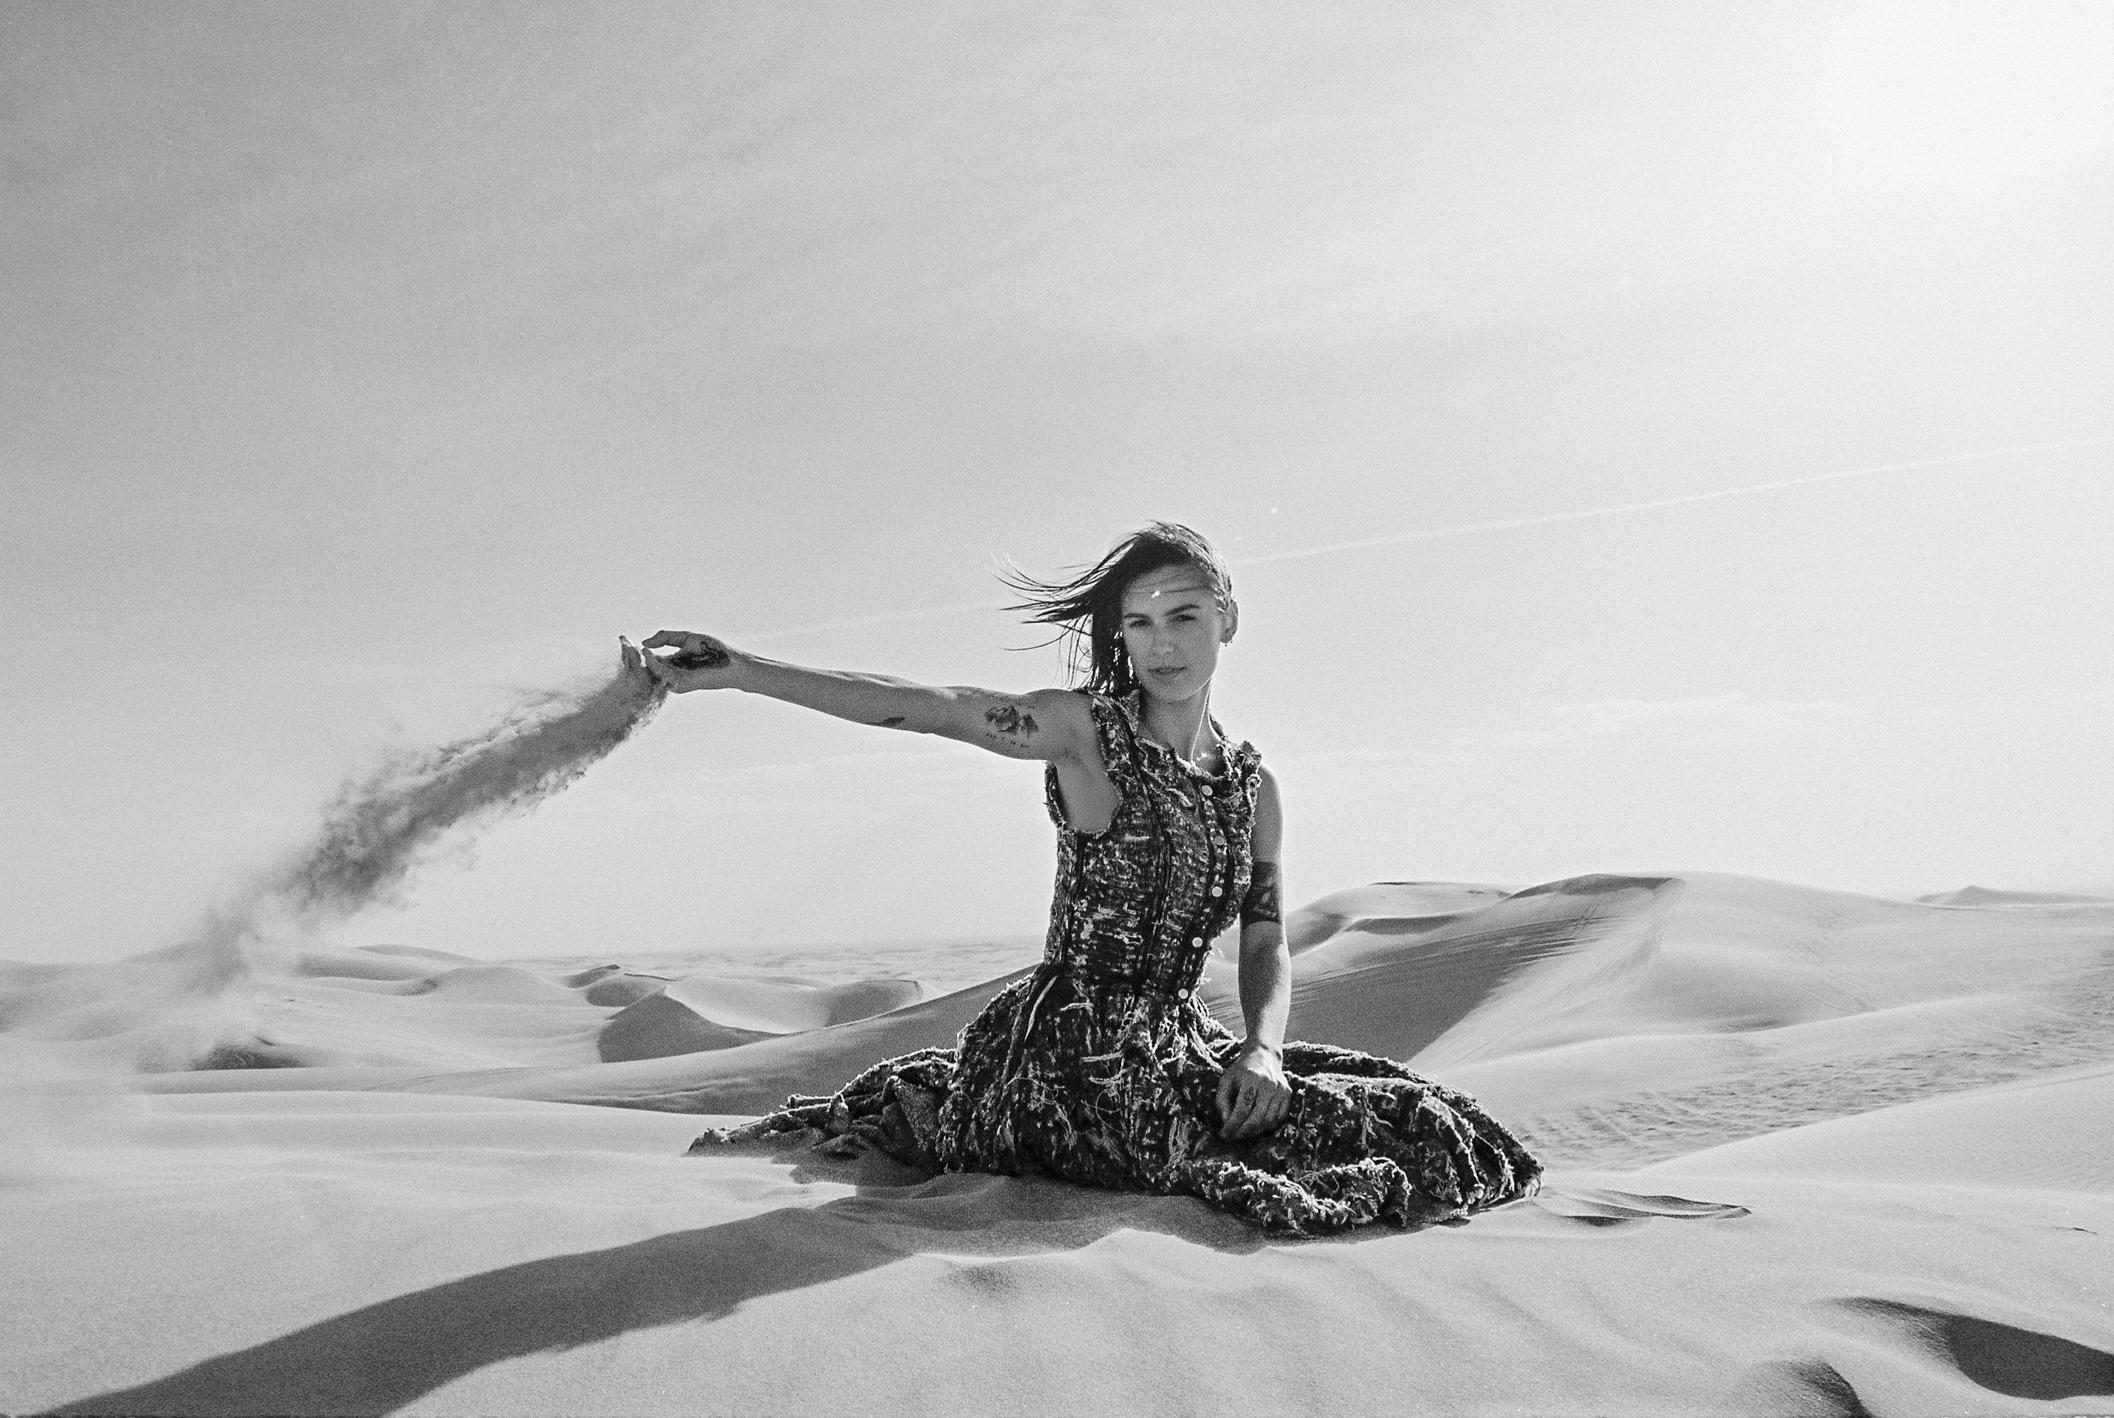 DesertFilm2 (20 of 101).jpg